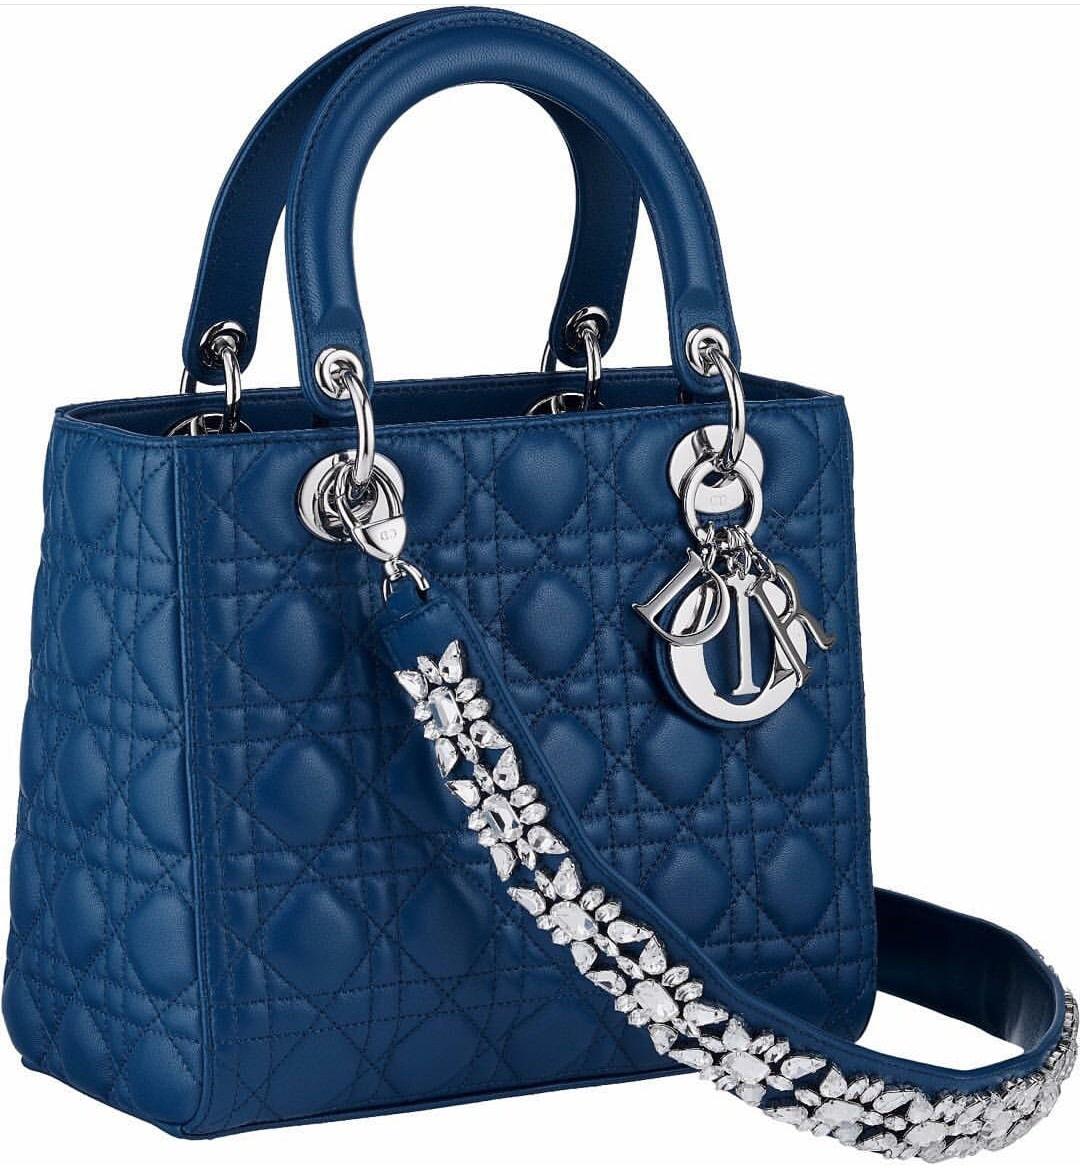 Dior Blue Lady Bag With Embellished Strap